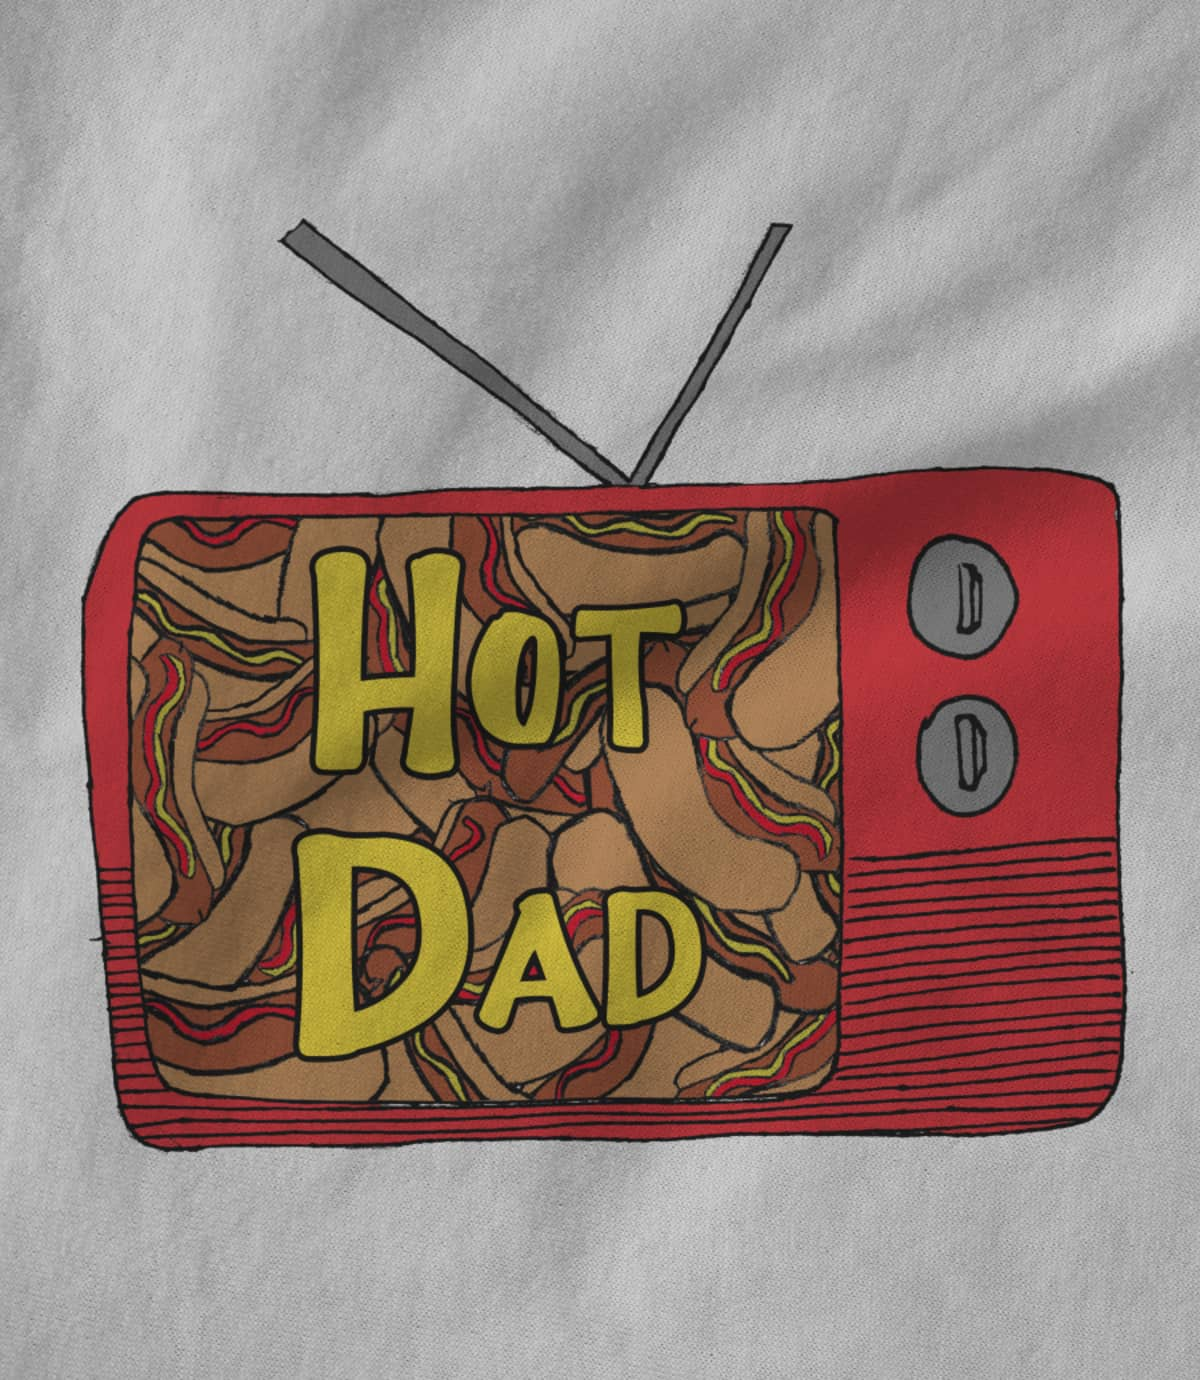 Hot dad tv dad 1472399117